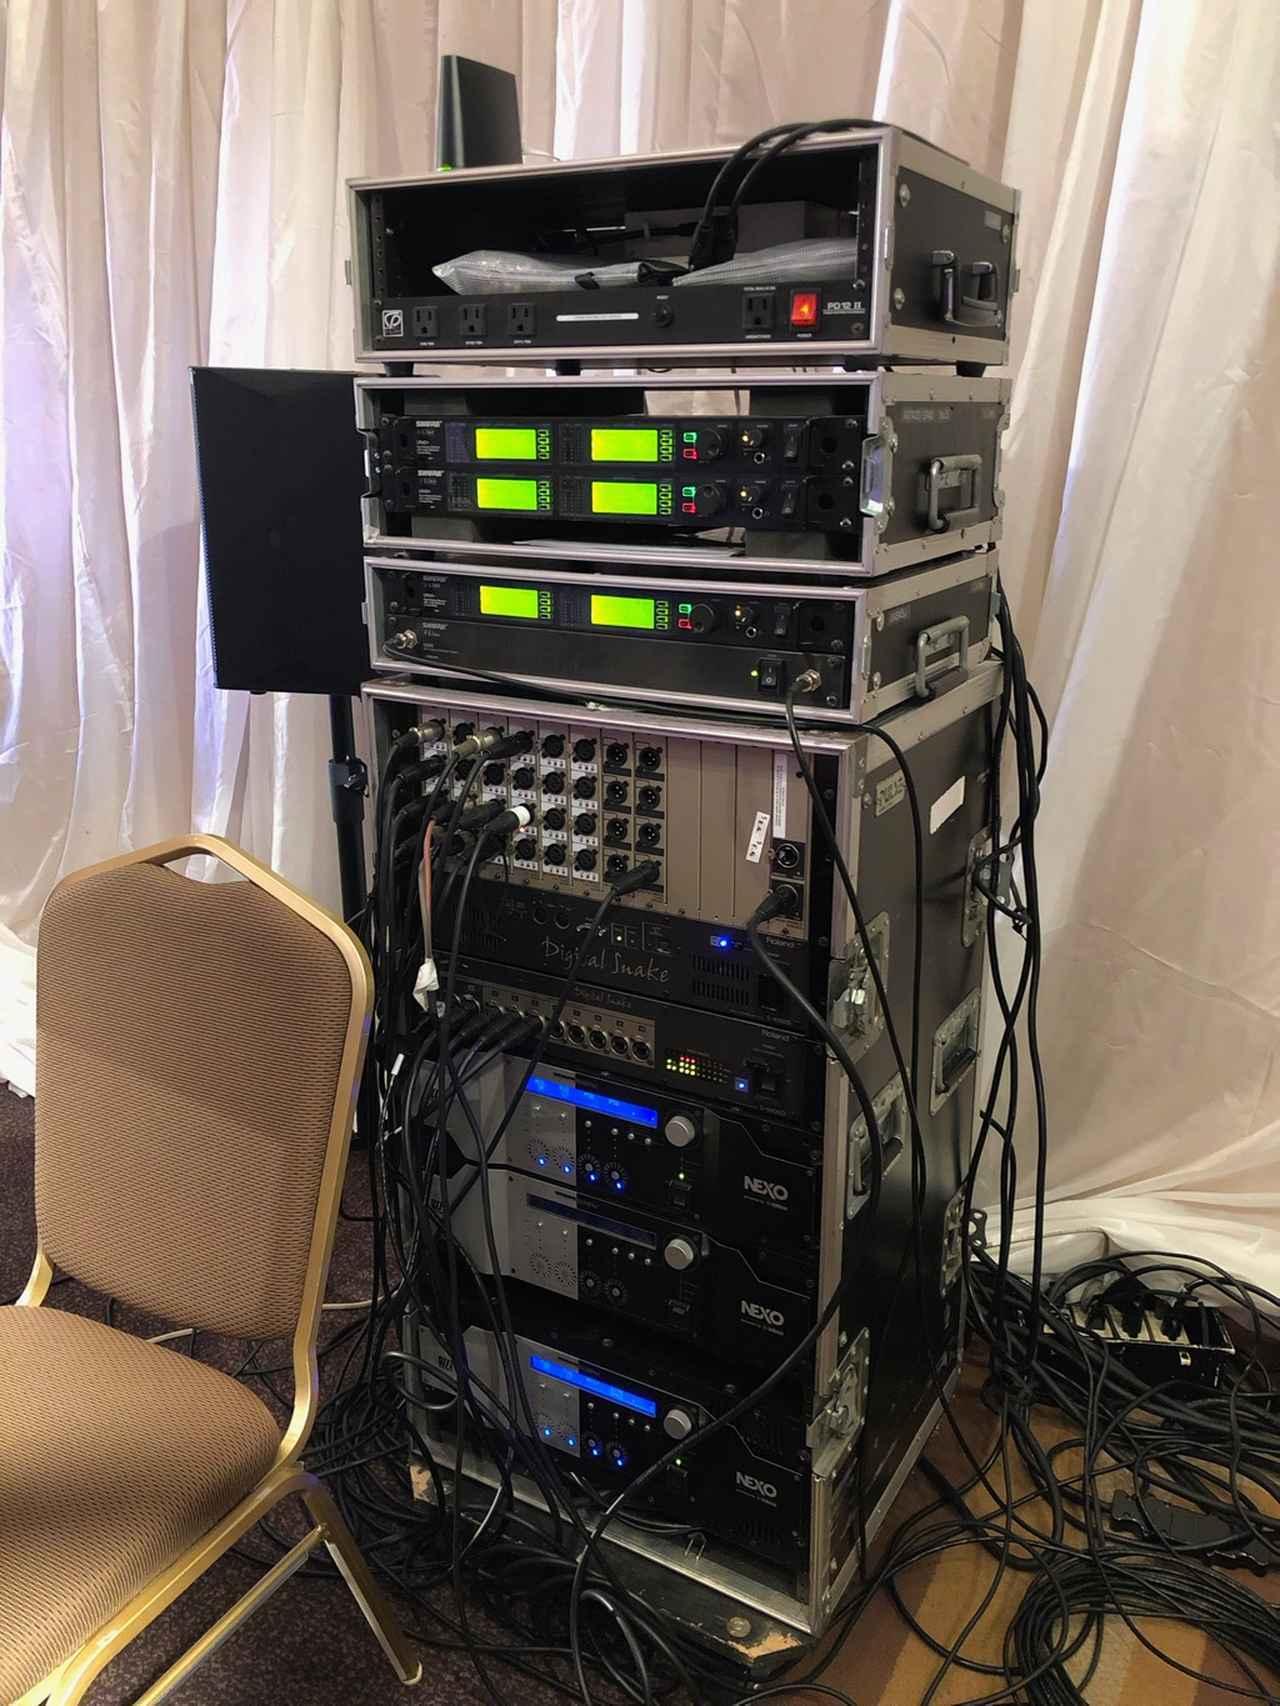 画像: ステージ袖に置かれたラック。「Shure」のワイヤレス・システムや2台目の「S-4000S」、「S-4000D」、「NXAMP」などが収納されている